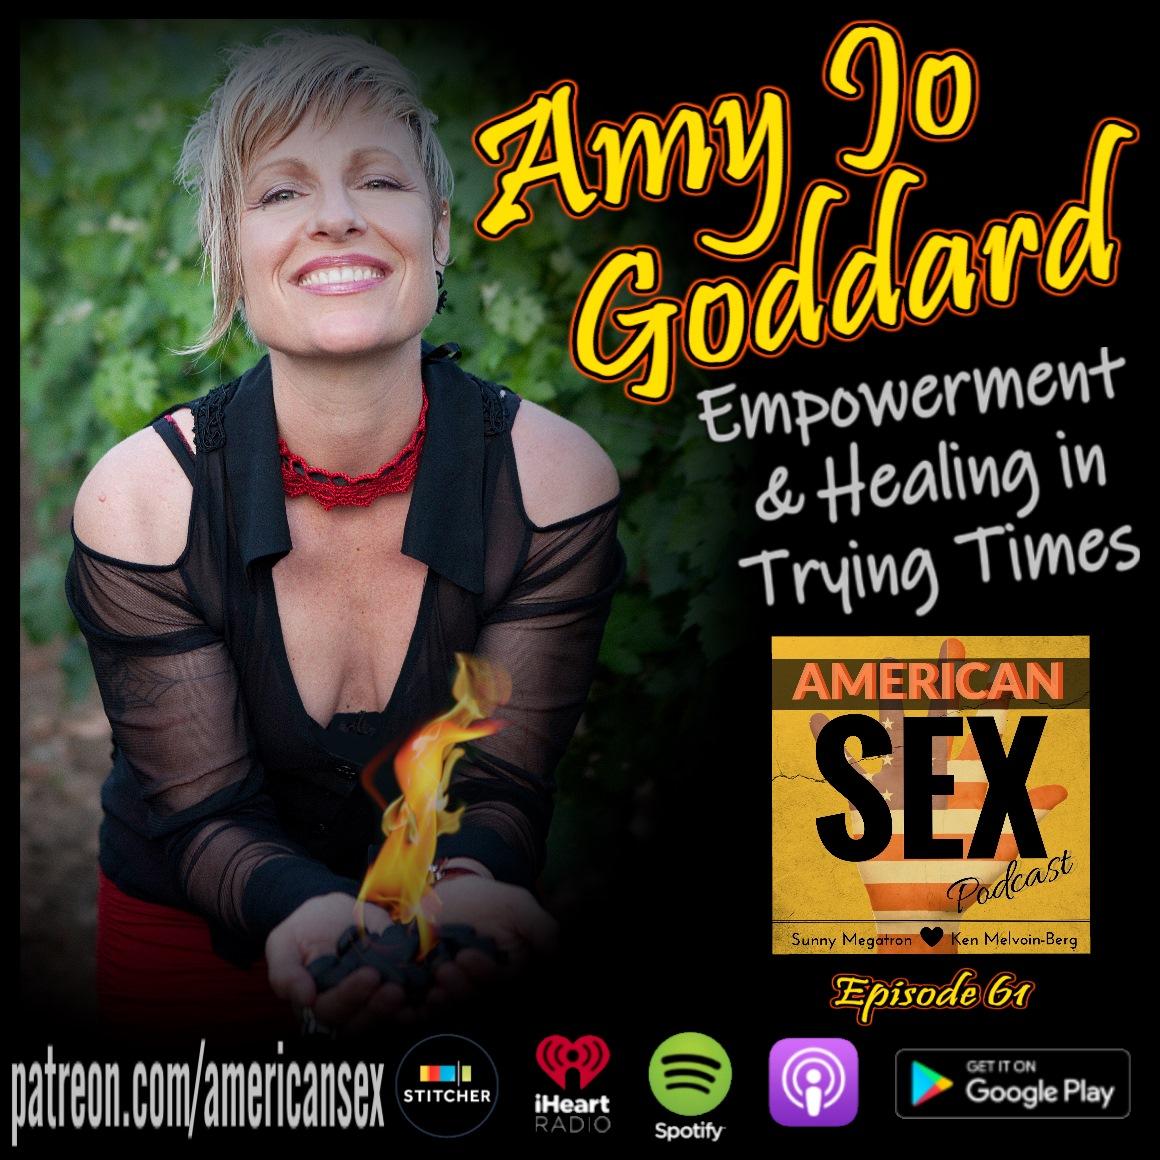 Amy Jo Goddard Fire Woman